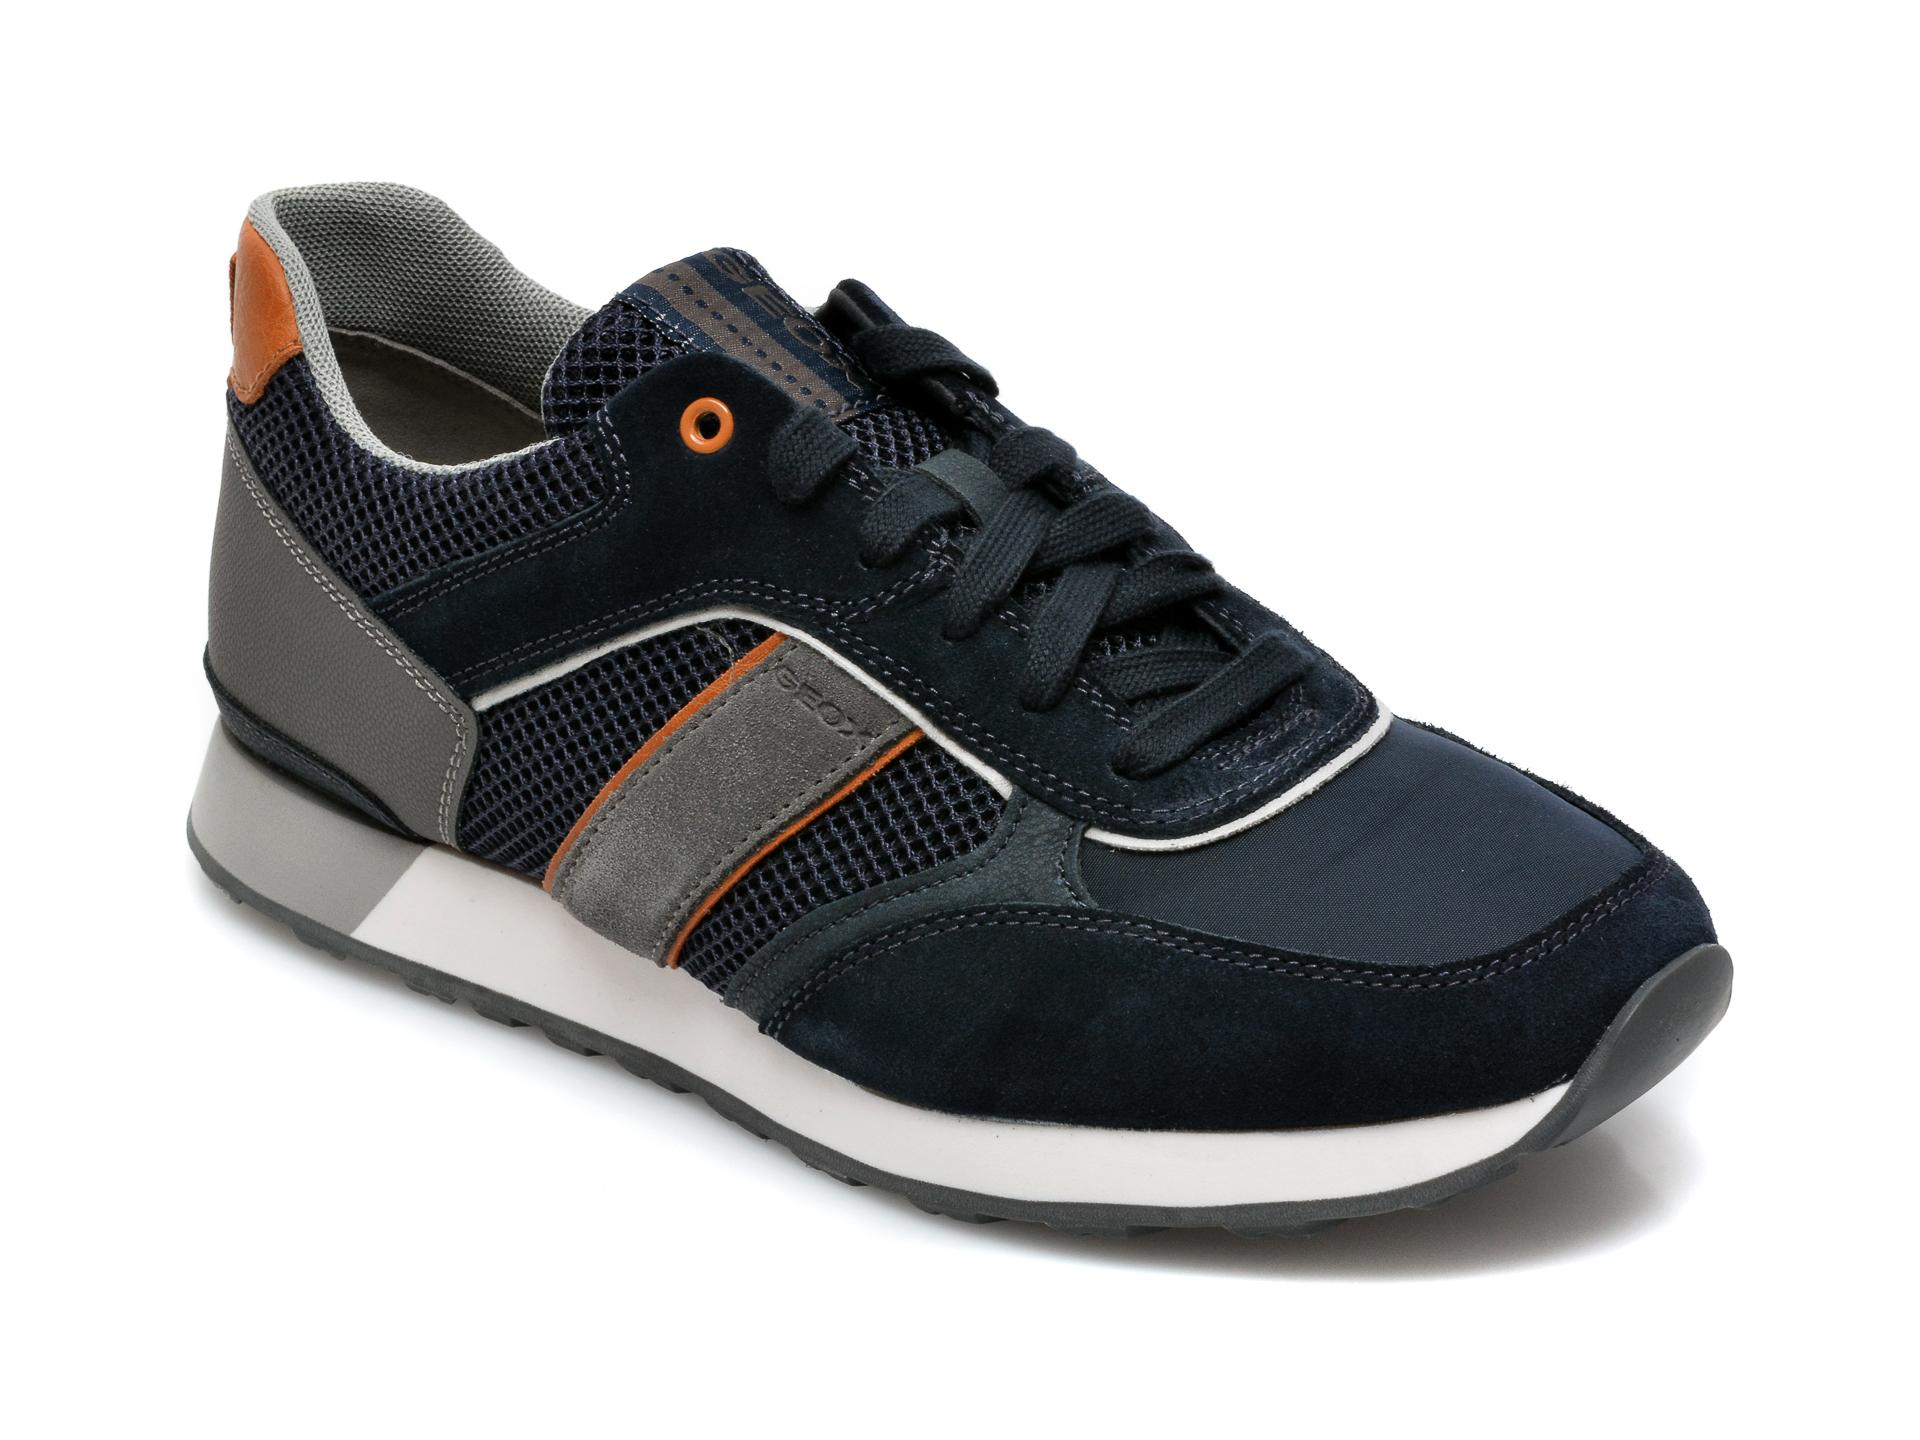 Pantofi sport GEOX bleumarin, U15BND, din material textil si piele ecologica imagine otter.ro 2021